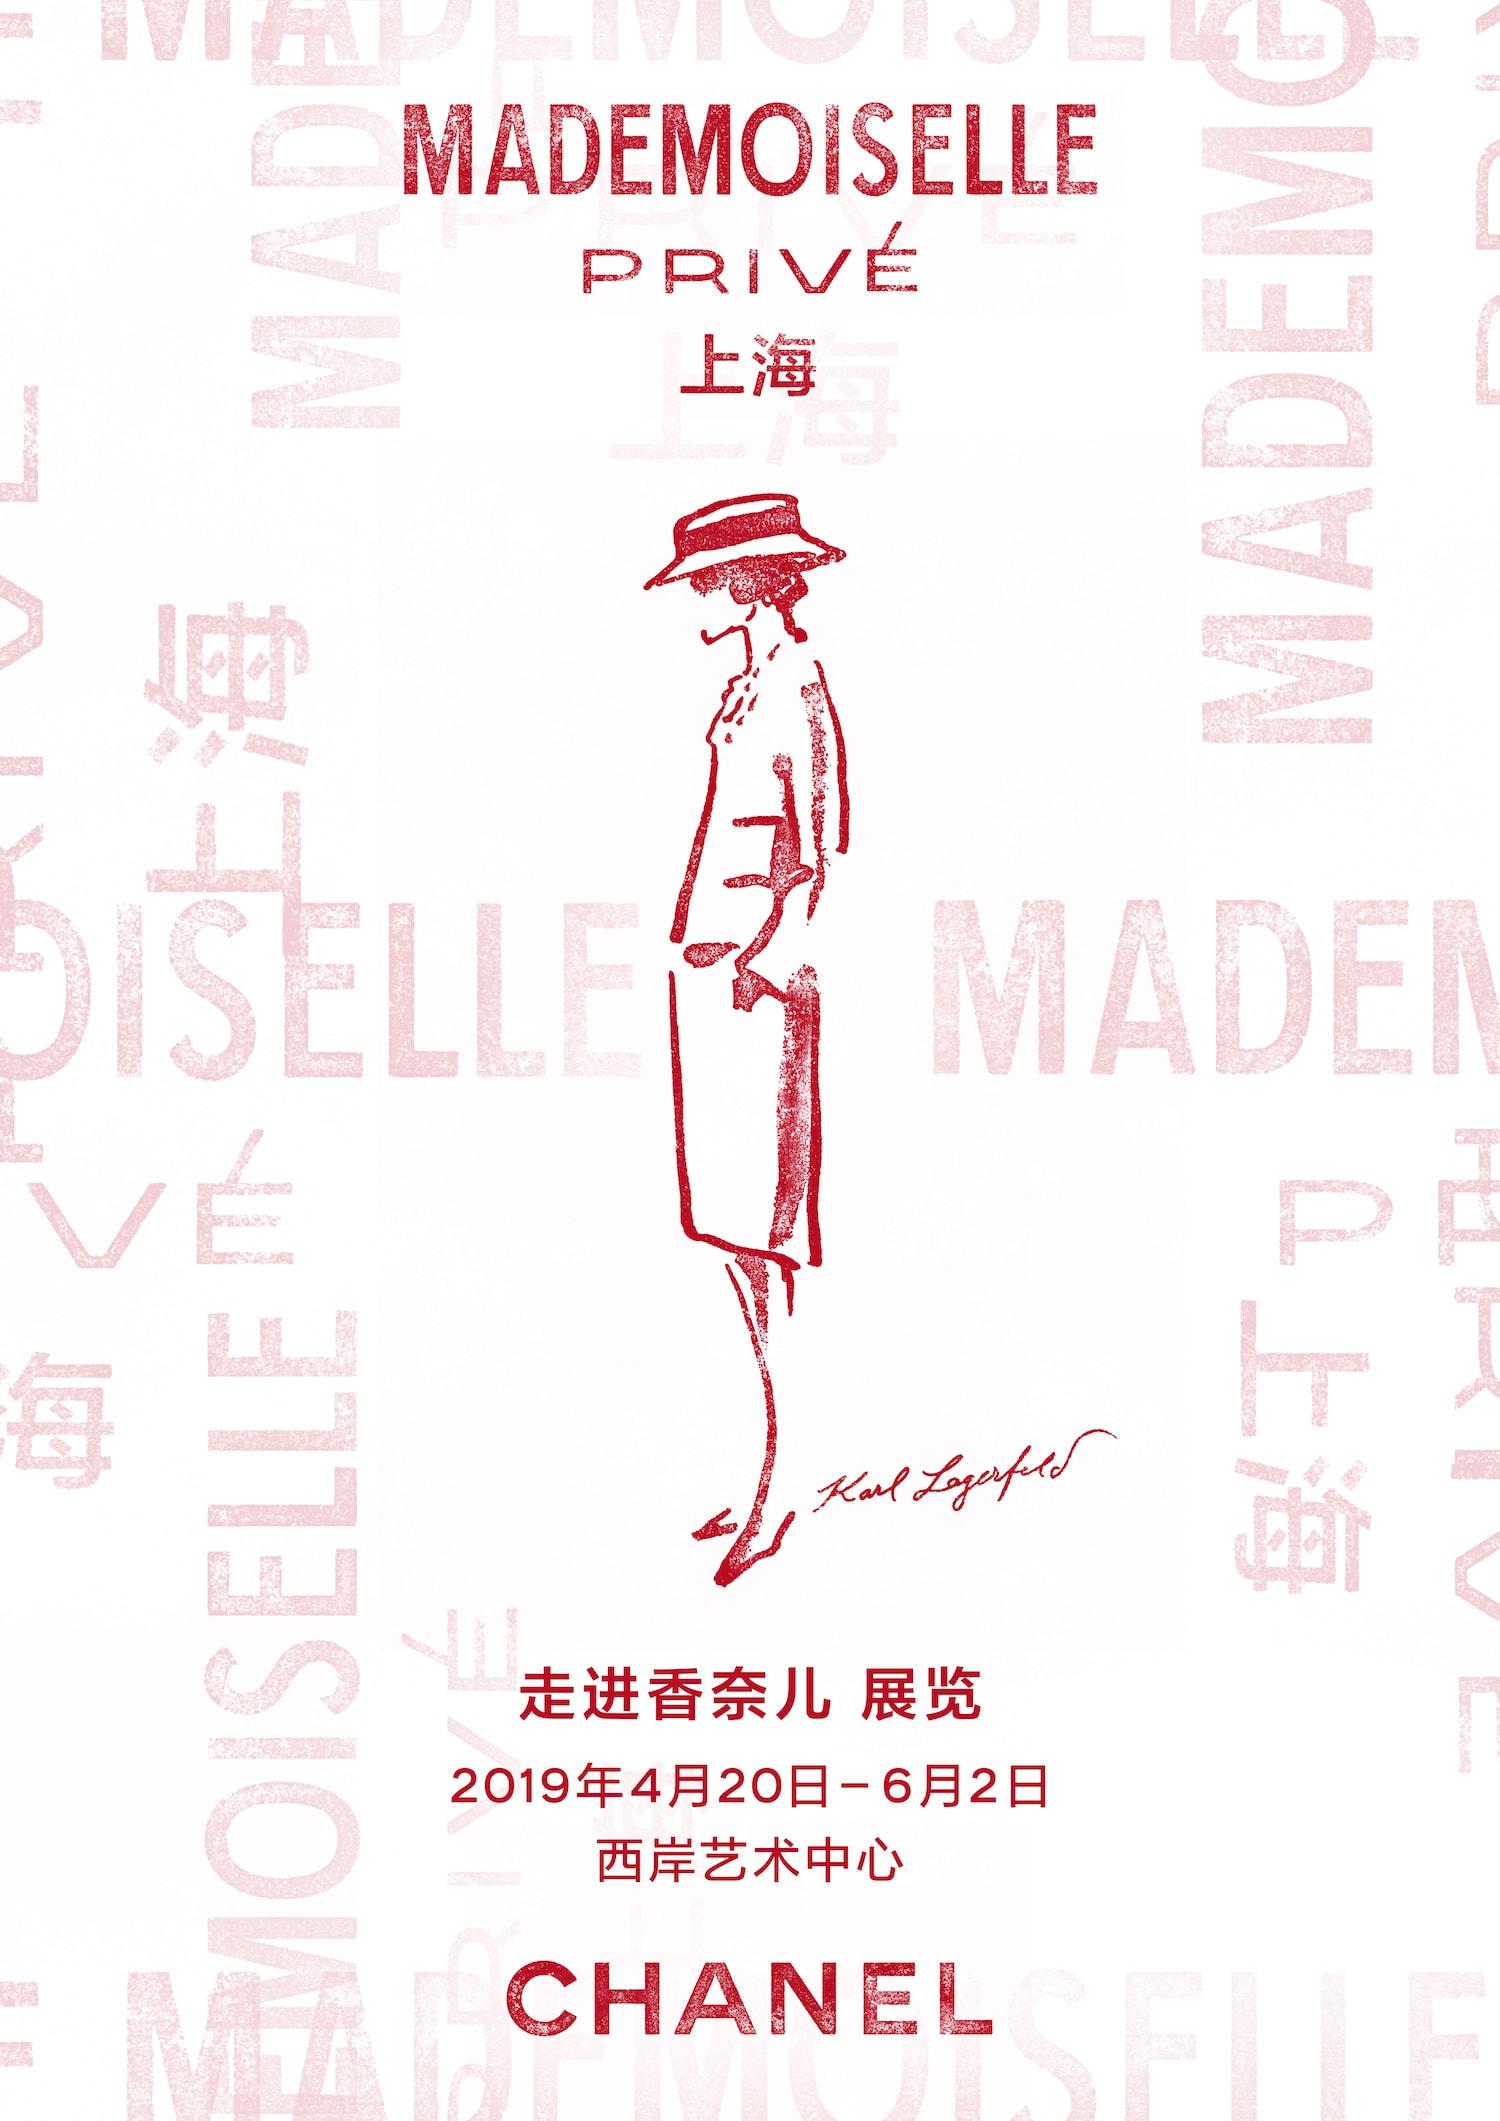 走进 Mademoiselle Privé《走进香奈儿》展览上海站